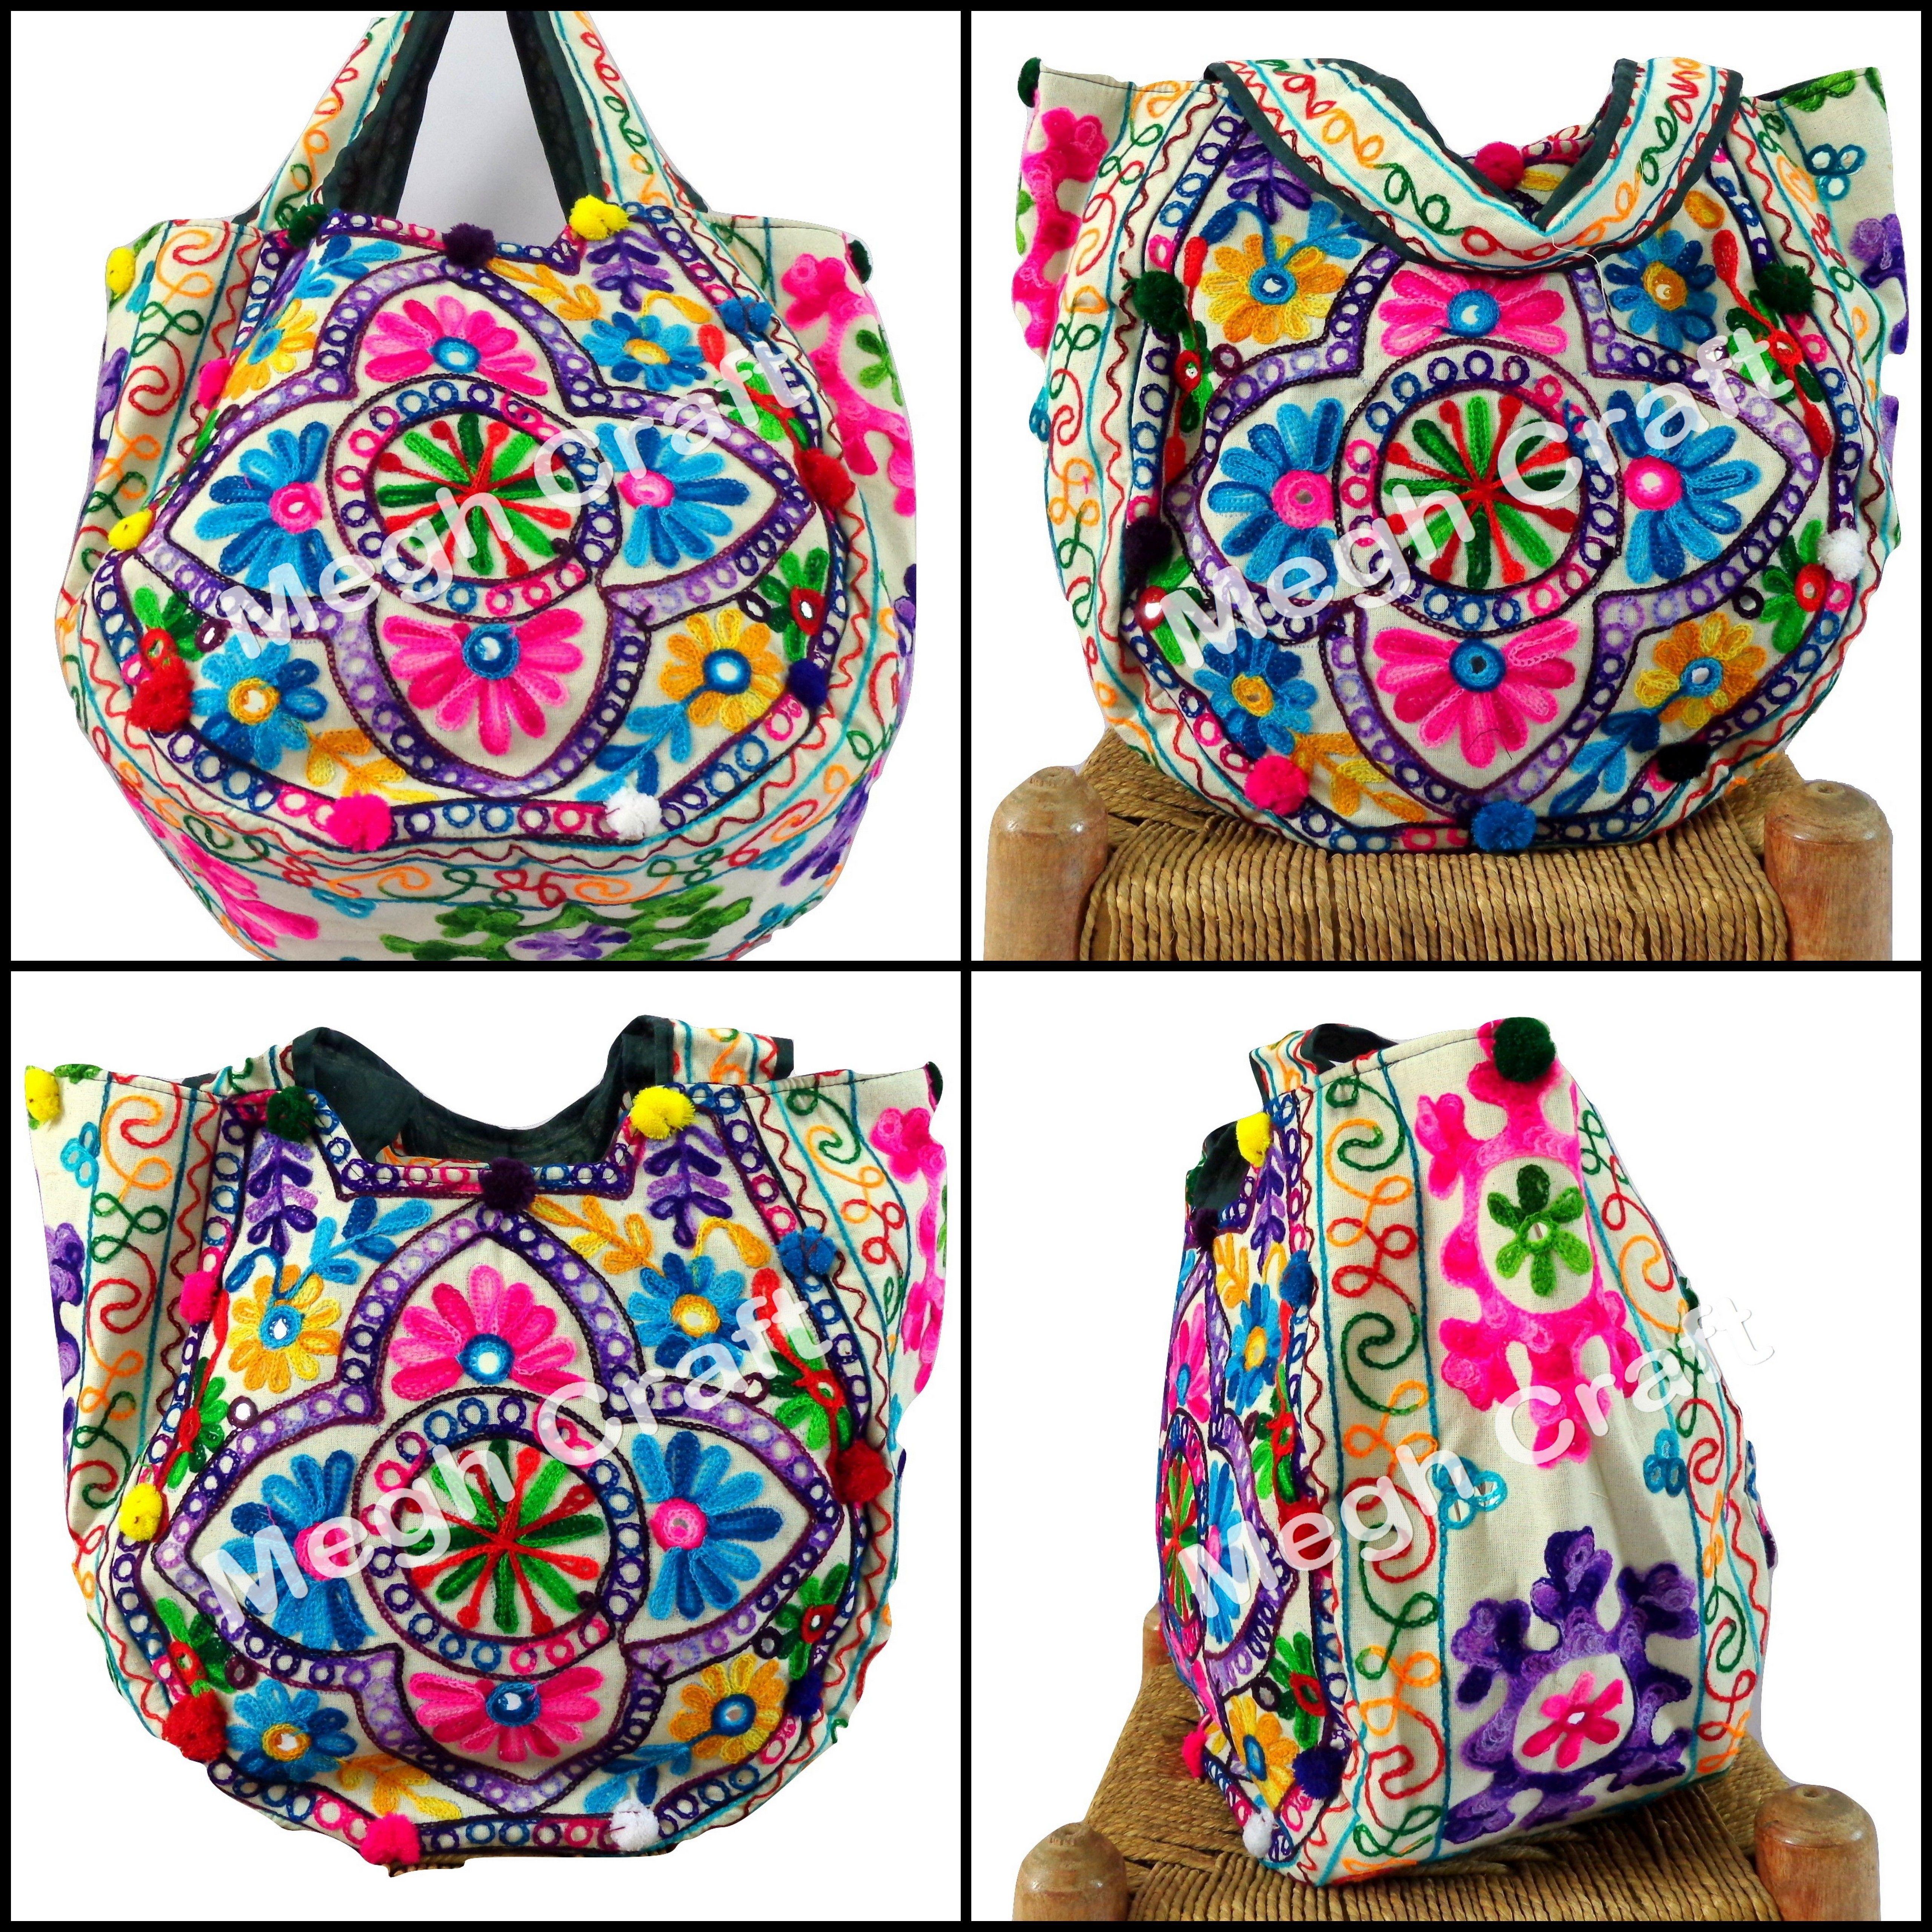 6a96f585ab Indian Traditional kutch embroidered handbag - Vintage mirror work  emboidery shoulder bag - Designer banjara tote